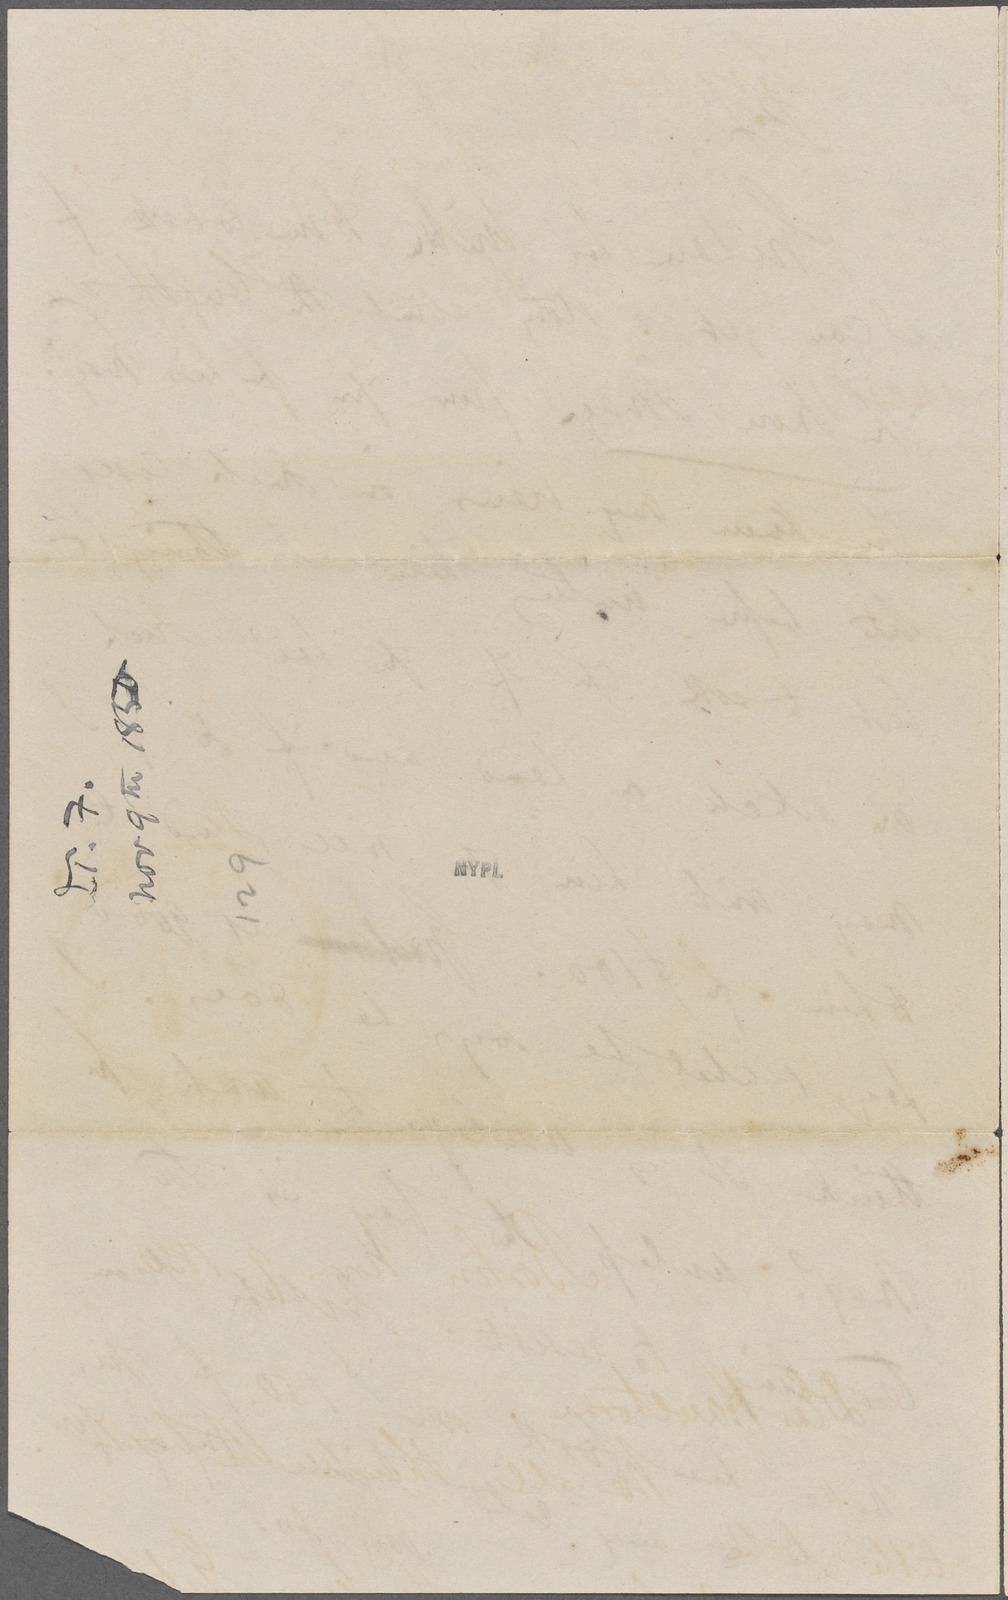 Fields, J. T., ALS, to NH. Nov. 9, 1850.